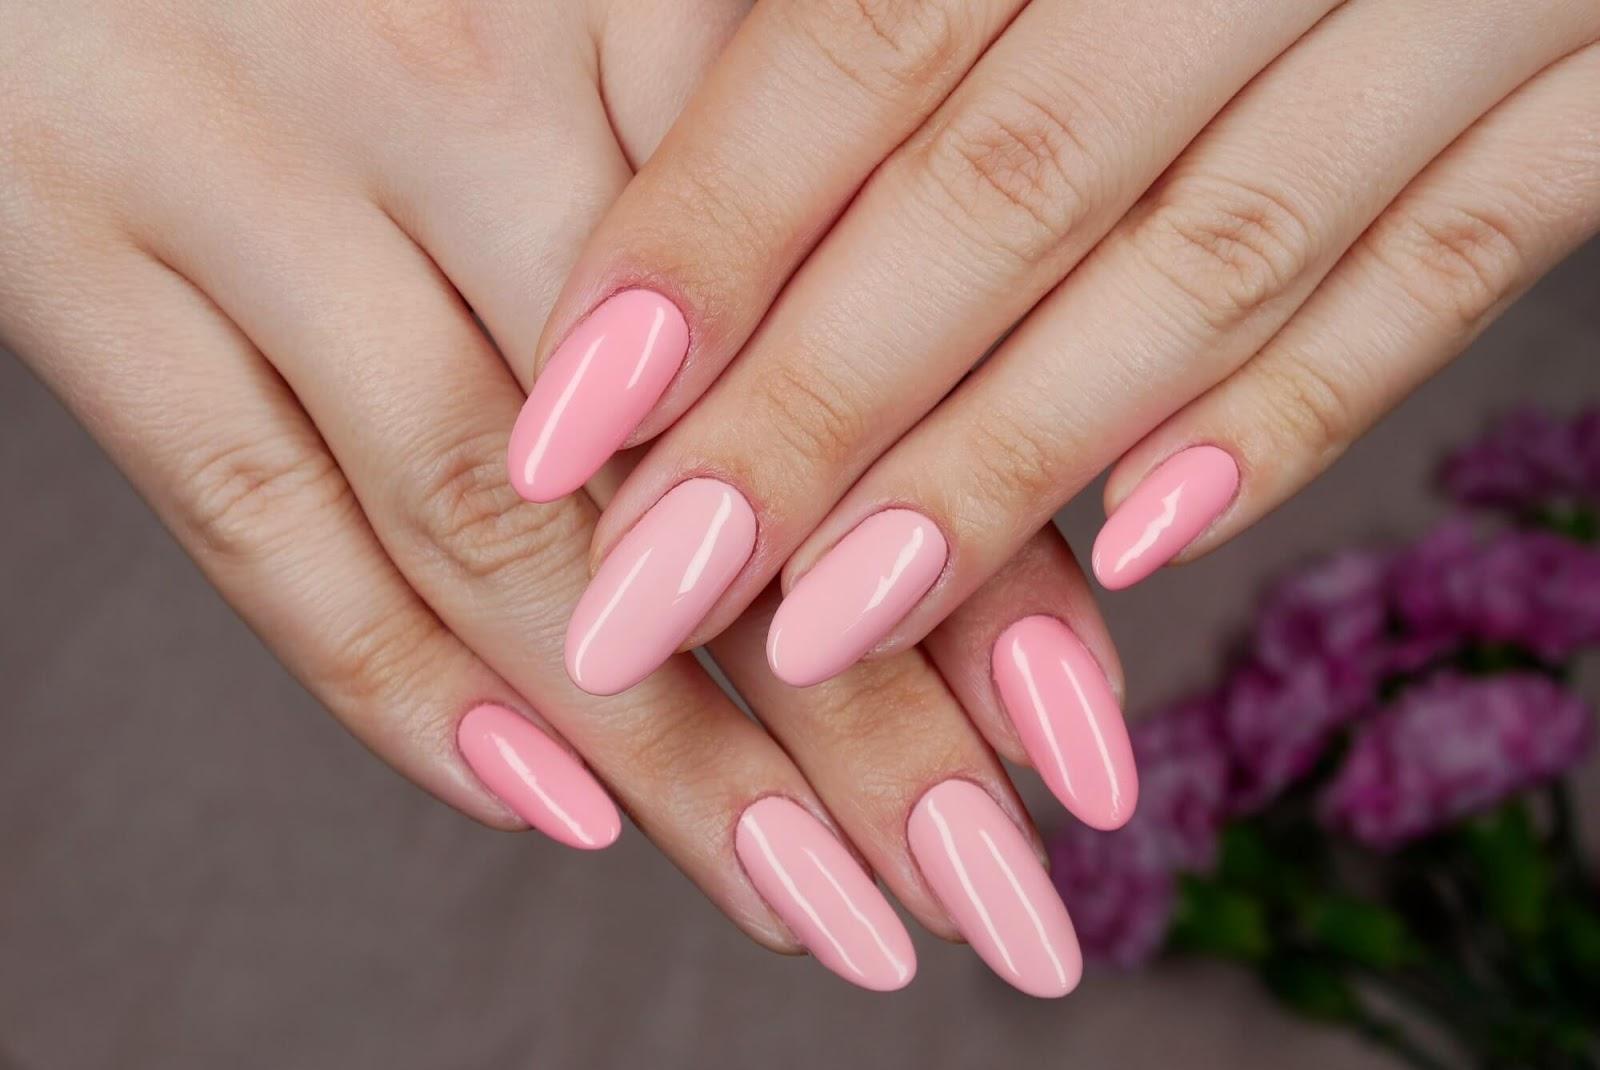 paznokcie różowe - pastelowe